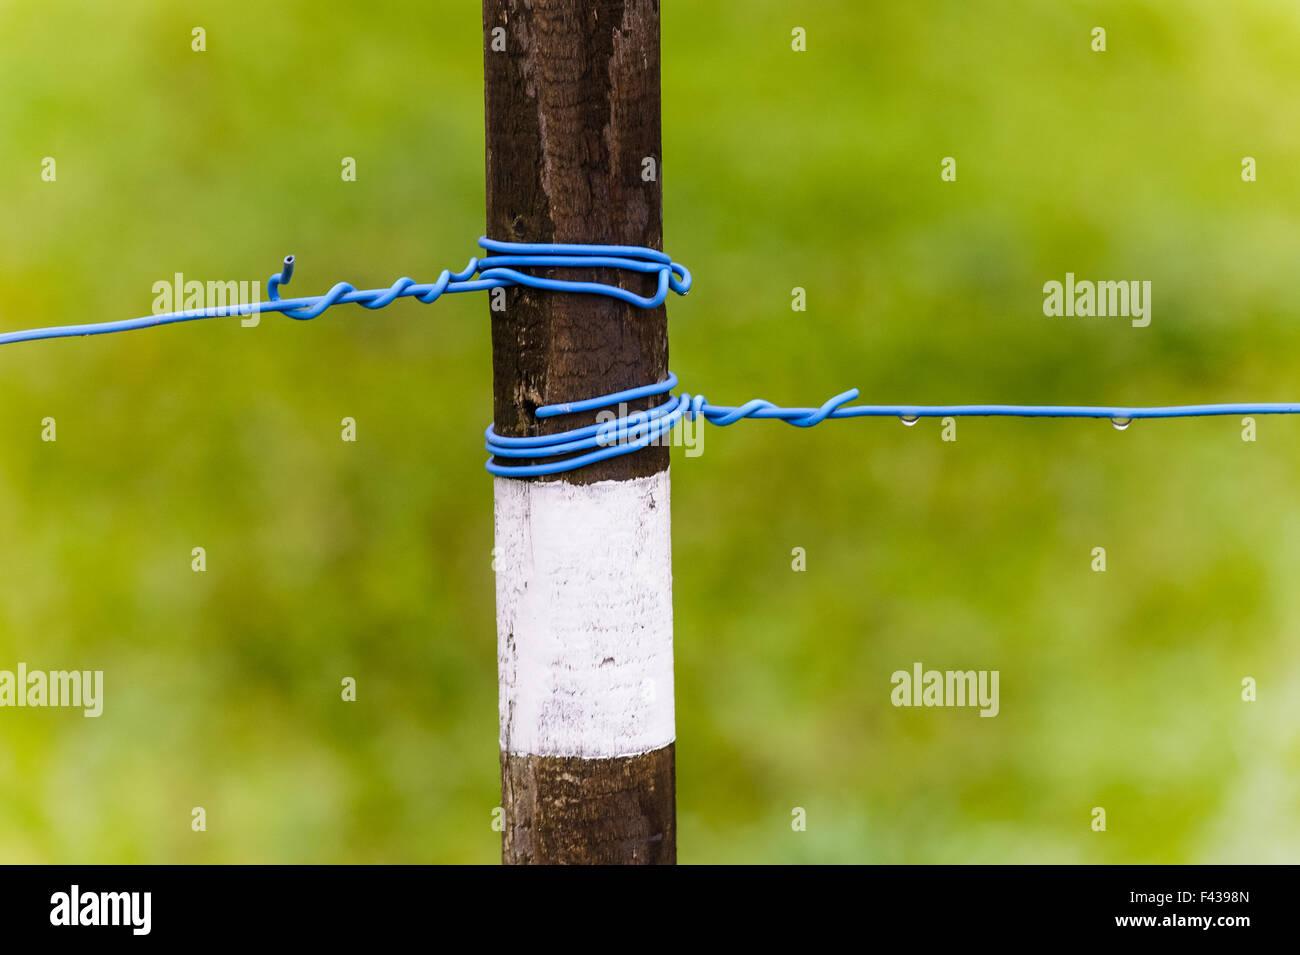 Peg con un alambre tensado Imagen De Stock